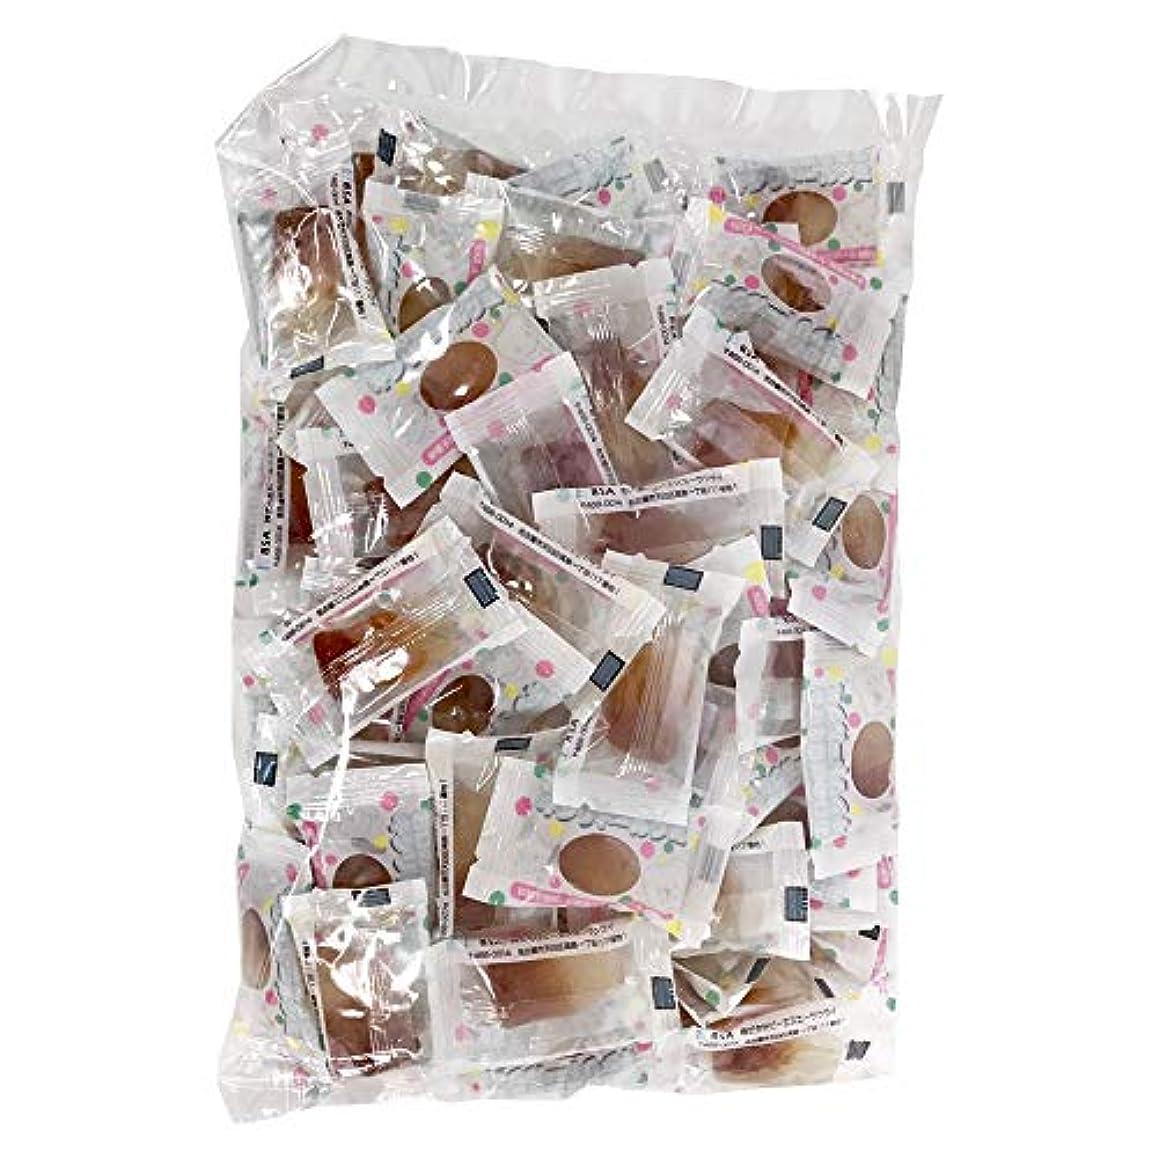 がんばり続ける一般的な柔らかさキシリトール100%グミ キシリコーラXYLICOLA 大袋100粒入